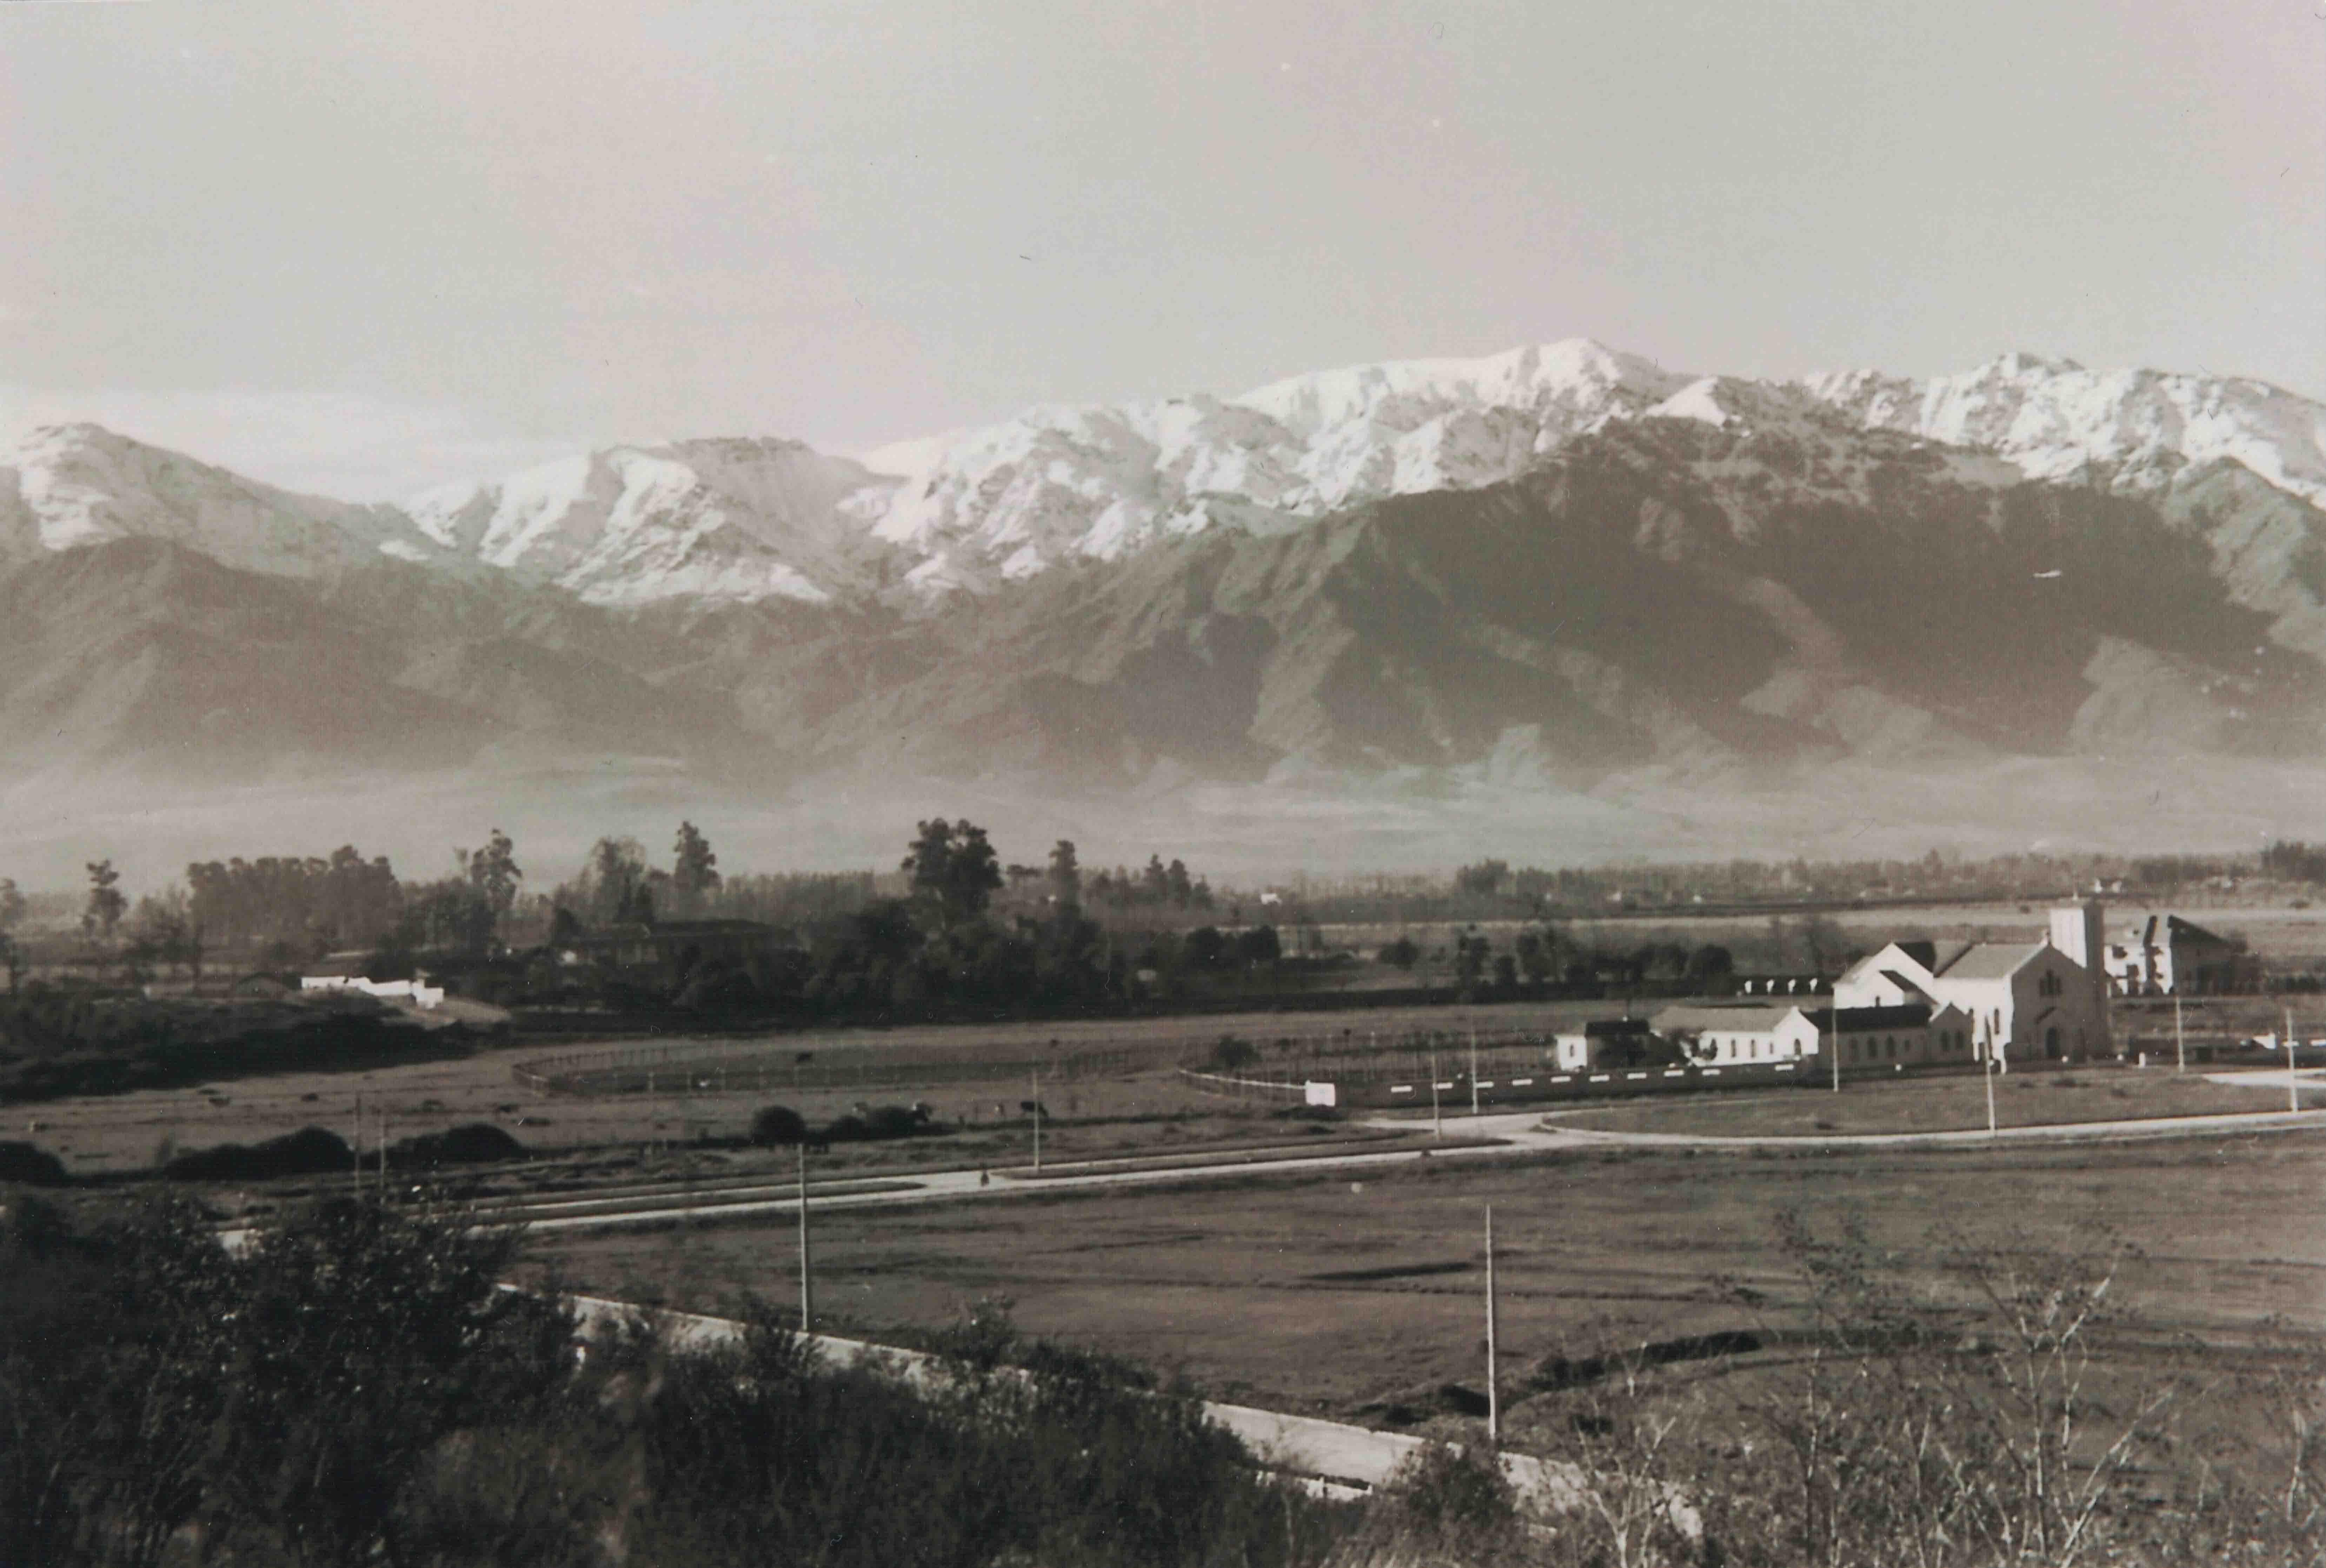 Enterreno - Fotos históricas de chile - fotos antiguas de Chile - Barrio El Golf en 1945